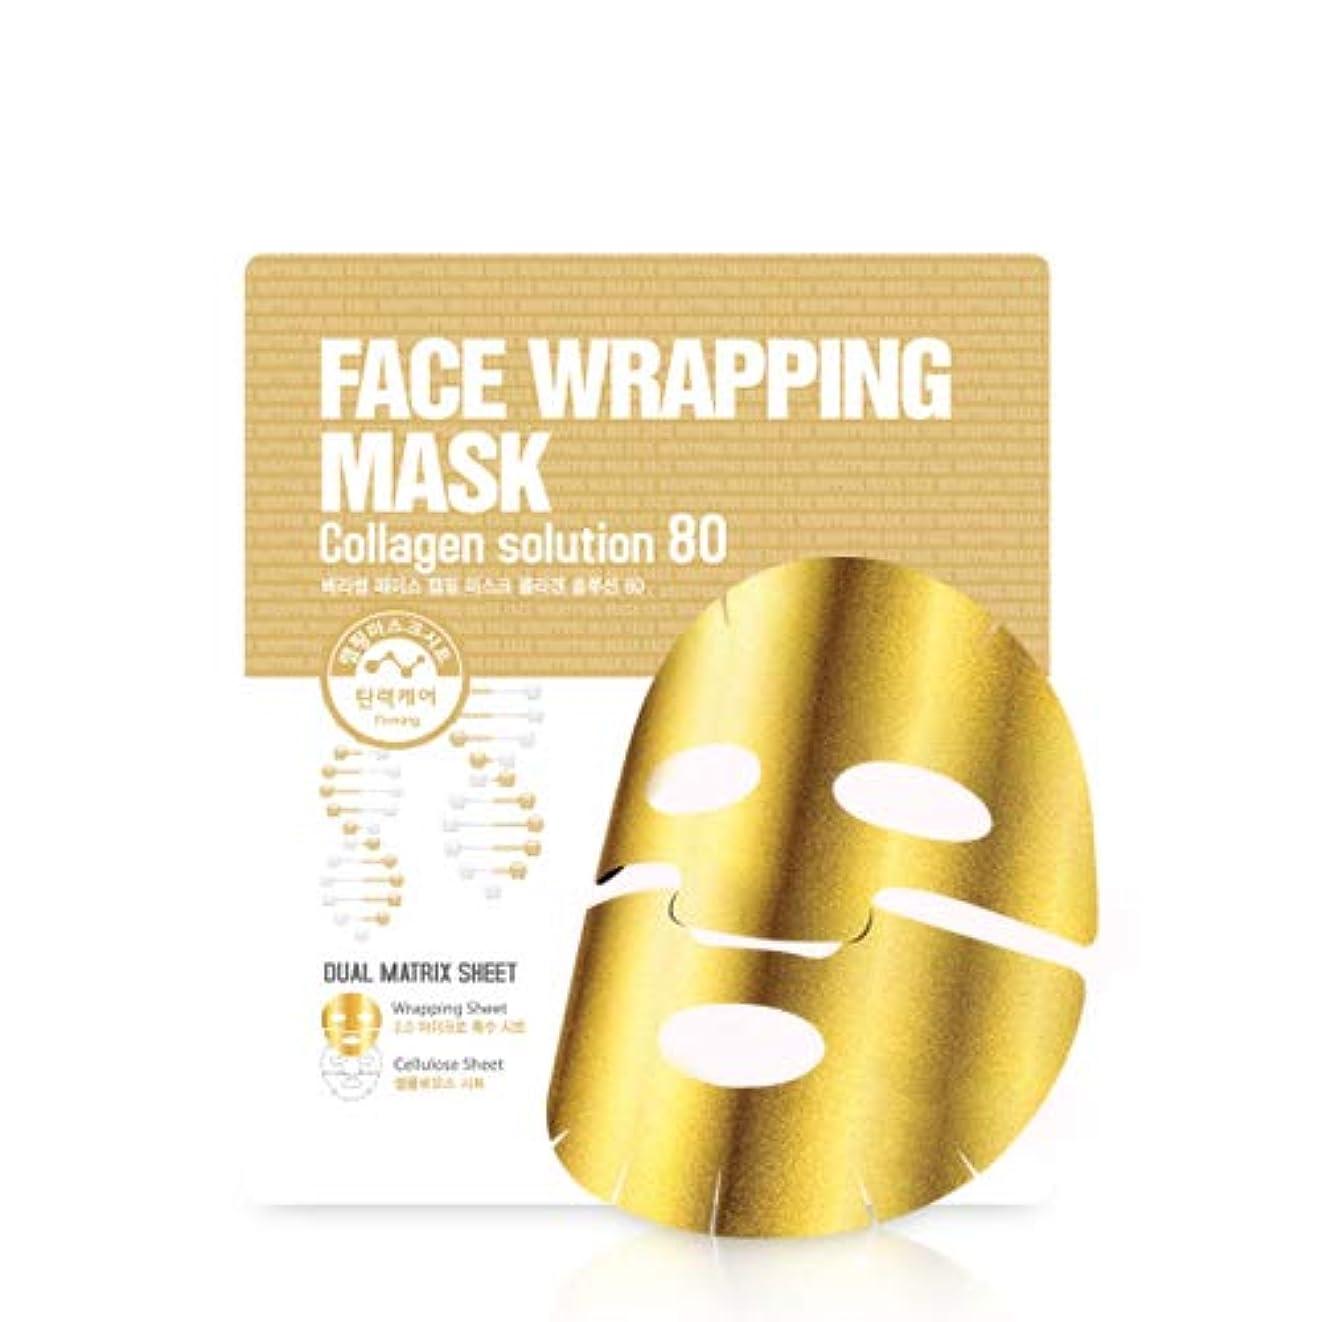 周りシェルター夕食を食べるベリソム[Berrisom] フェイスラッピングマスクコラーゲンソリューション80 / しわ防止、引き締め Wrapping Mask Collagen 27gx5P